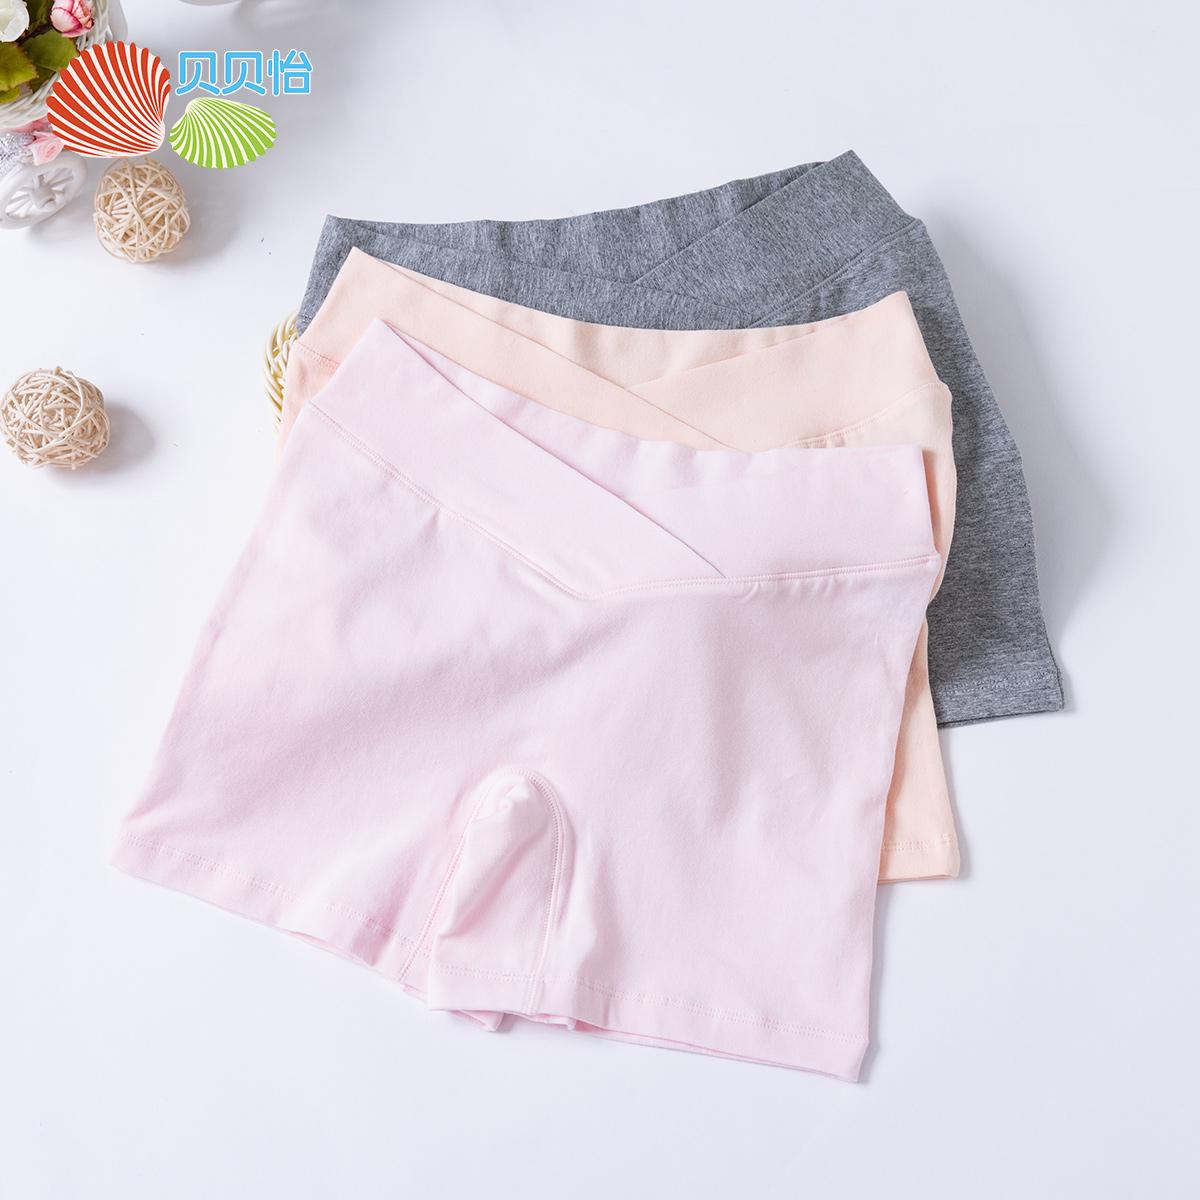 贝贝怡孕妇低腰安全裤2018春季新款纯棉透气内裤平角裤181Y259